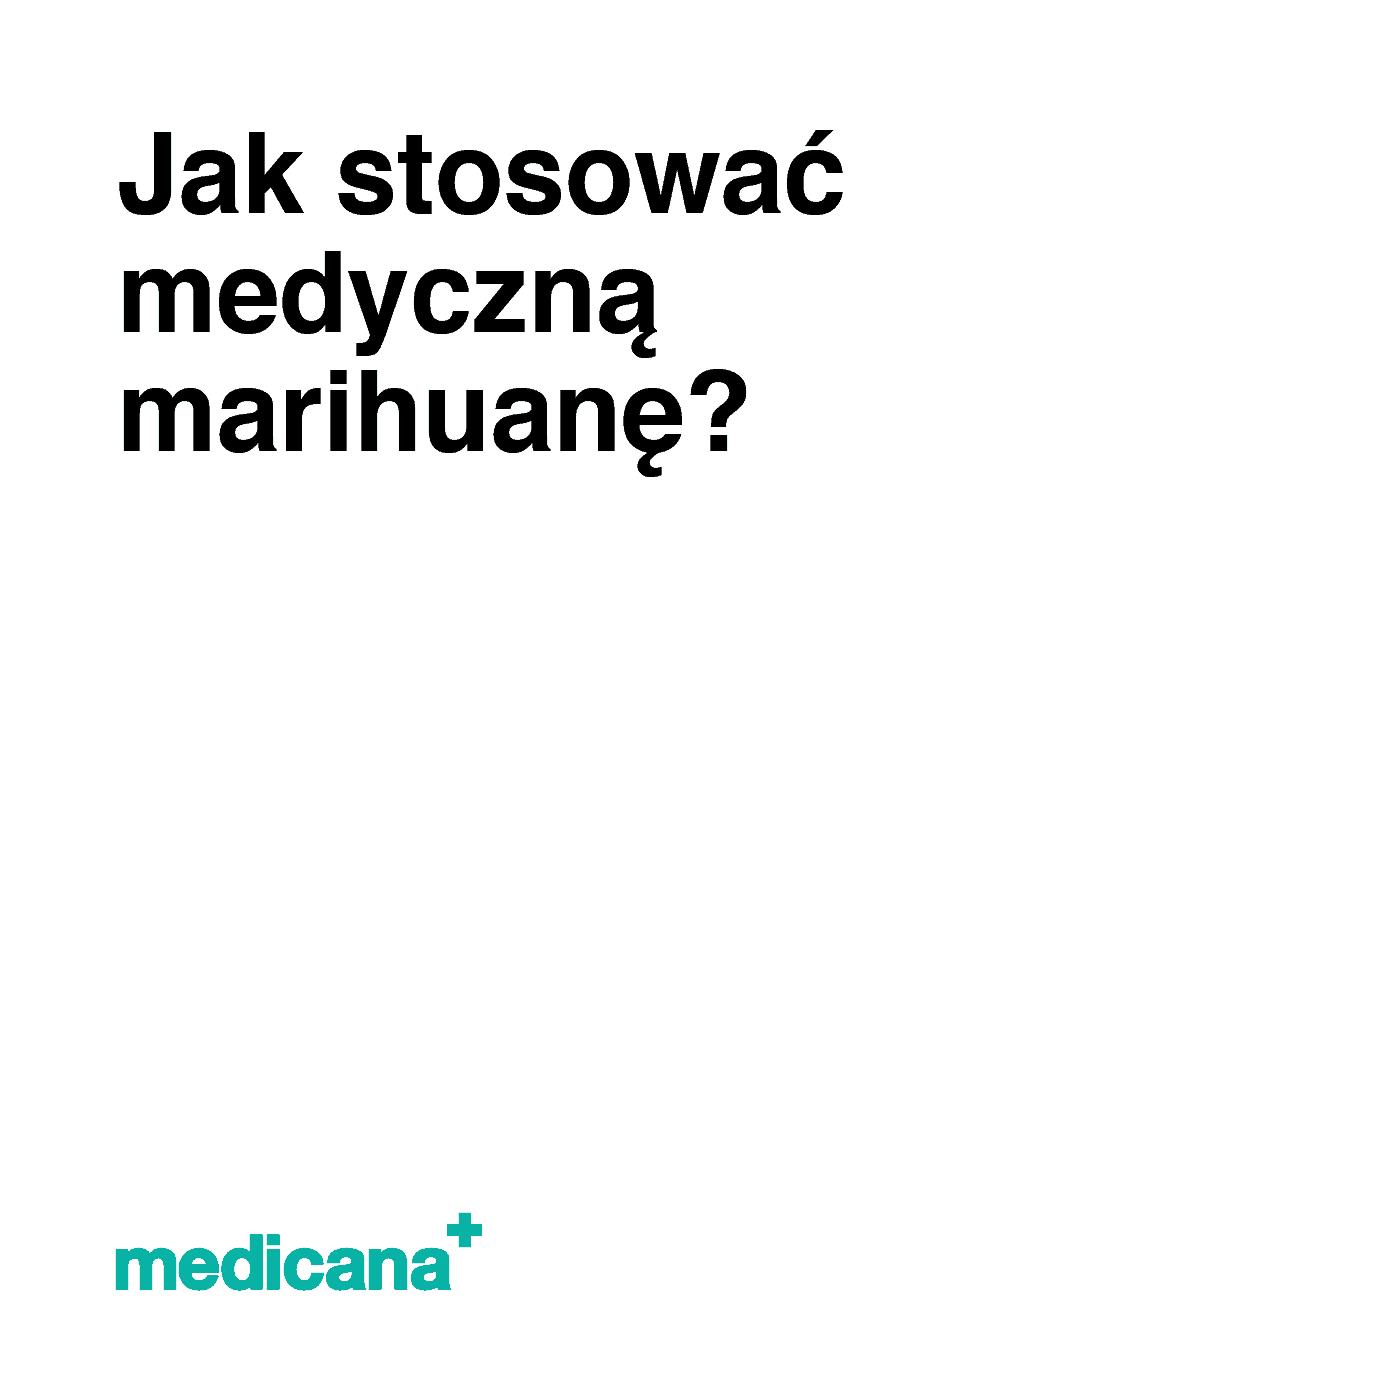 Grafika, białe tło z czarnym napisem Jak stosować medyczną marihuanę? oraz zielonym logo Medicana w lewym dolnym rogu.